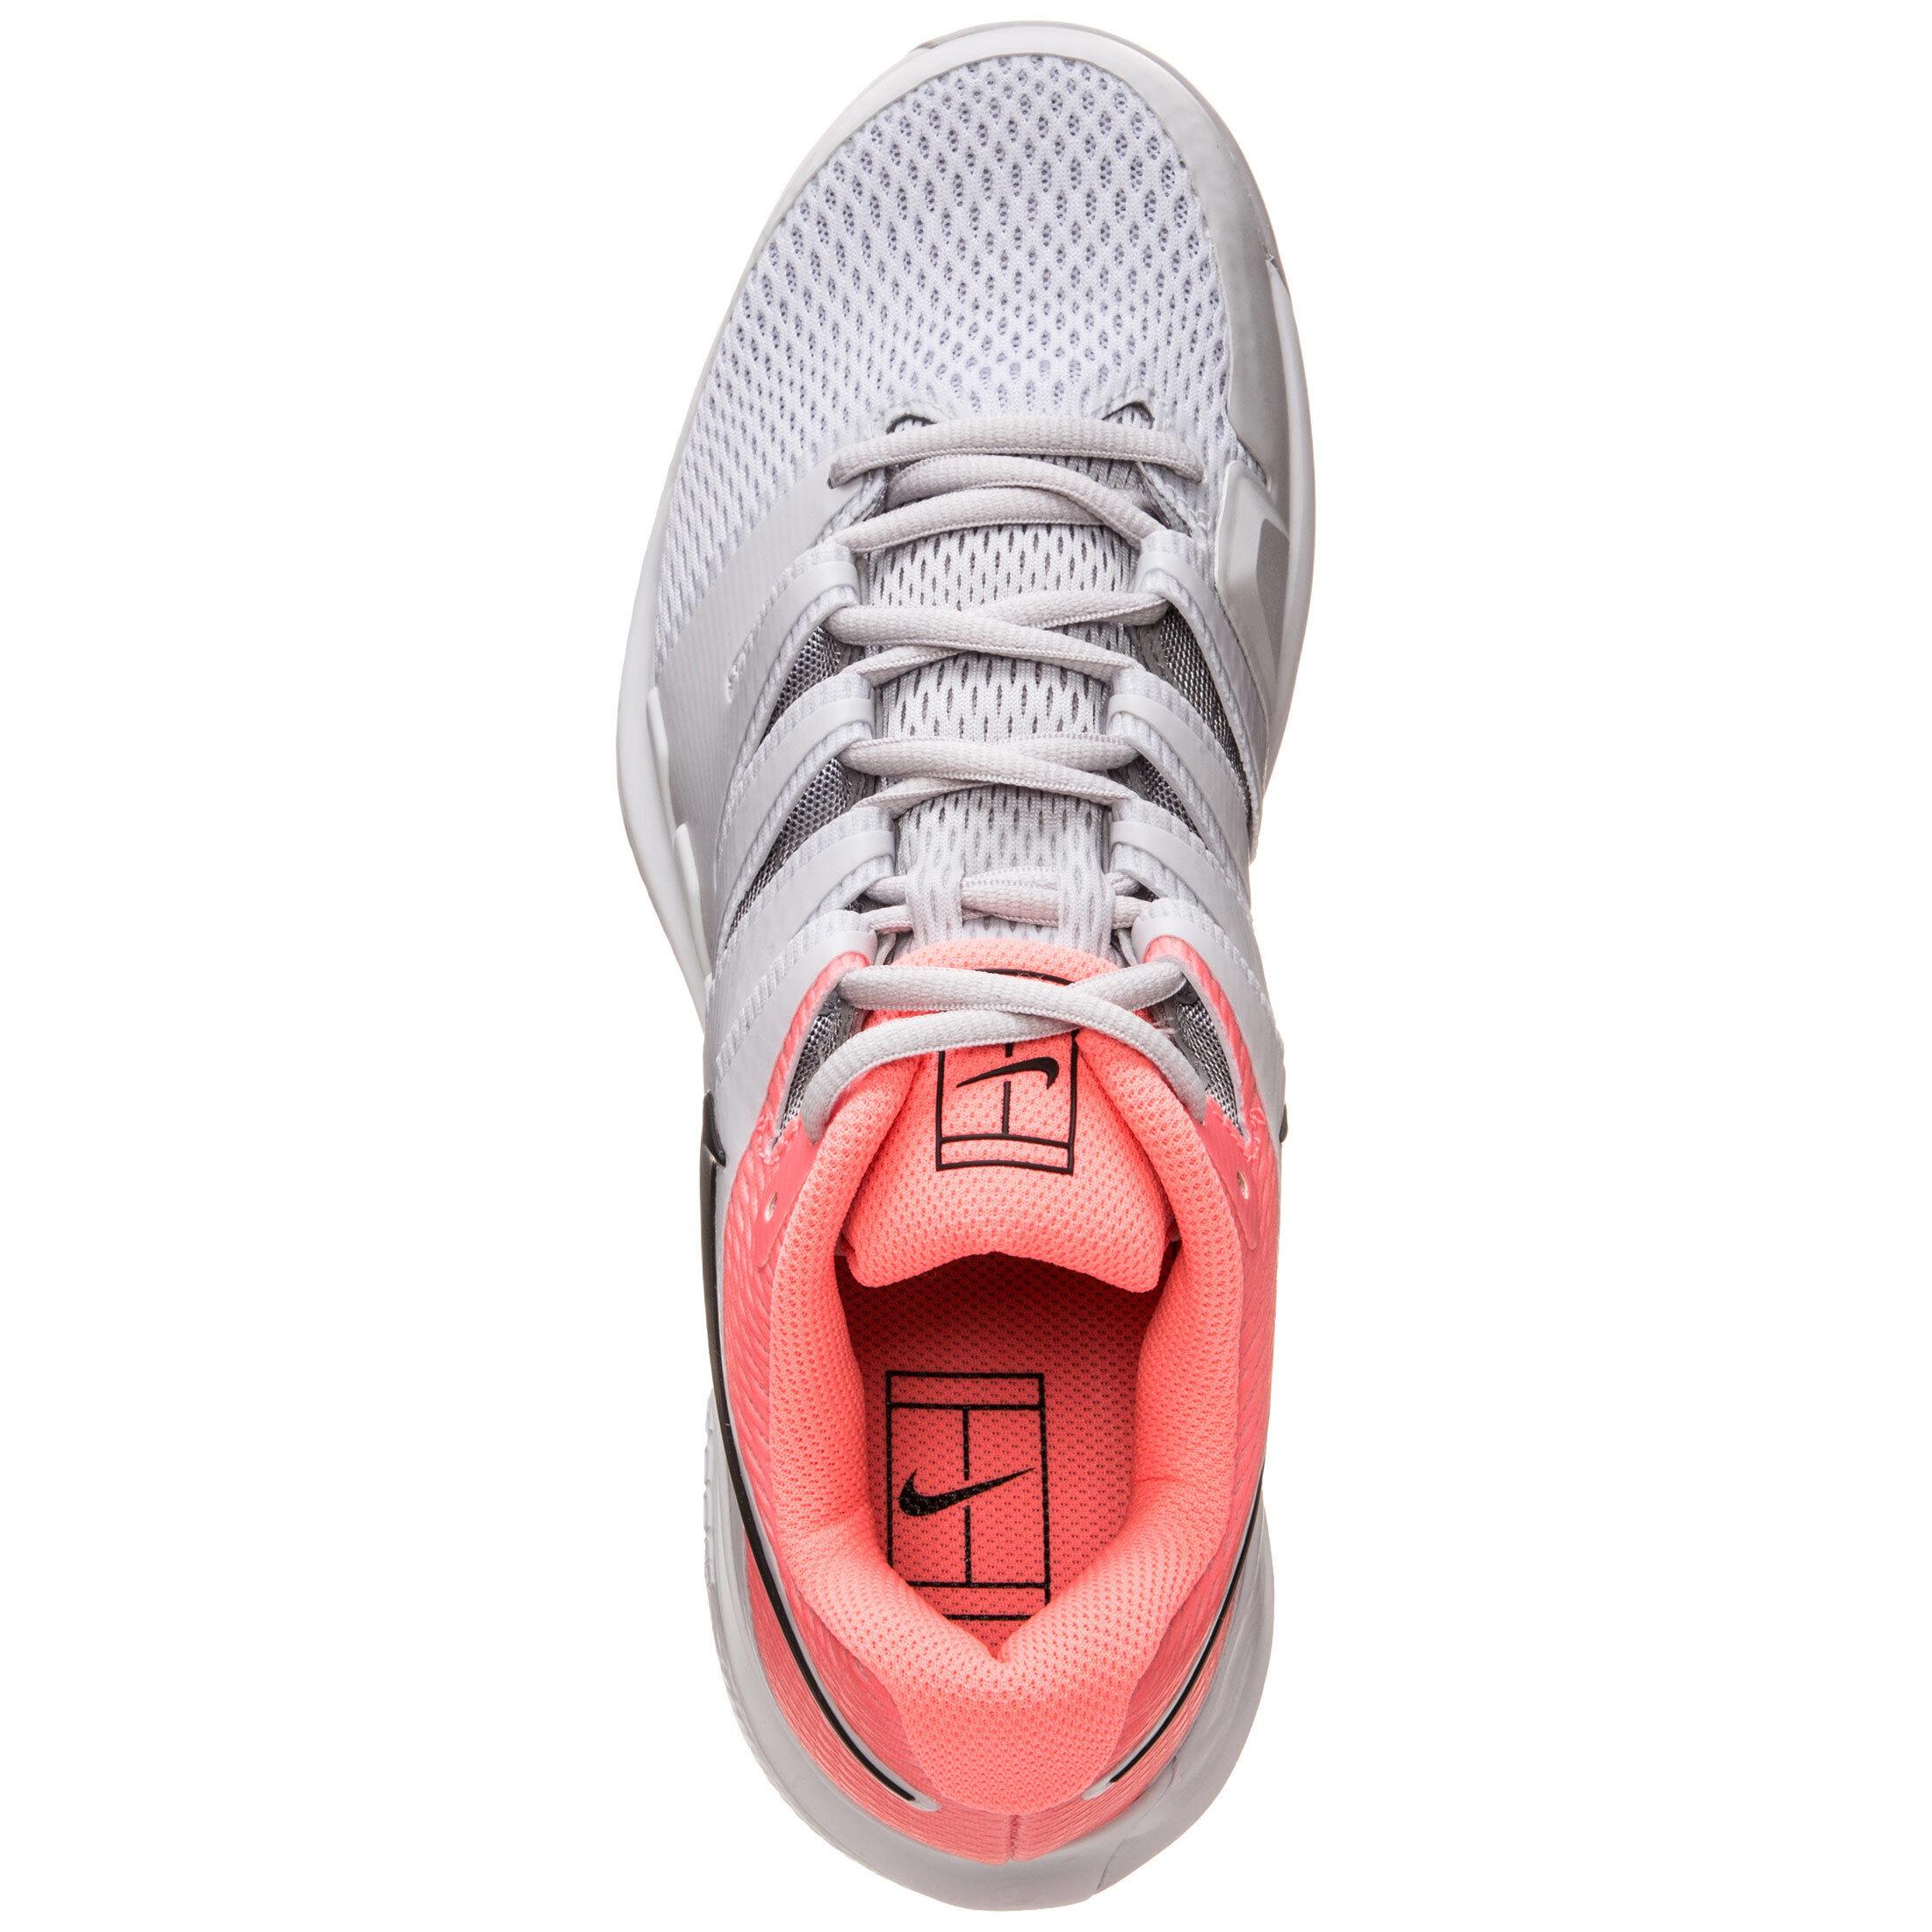 Air Zoom Vapor X HC Tennisschuh Damen